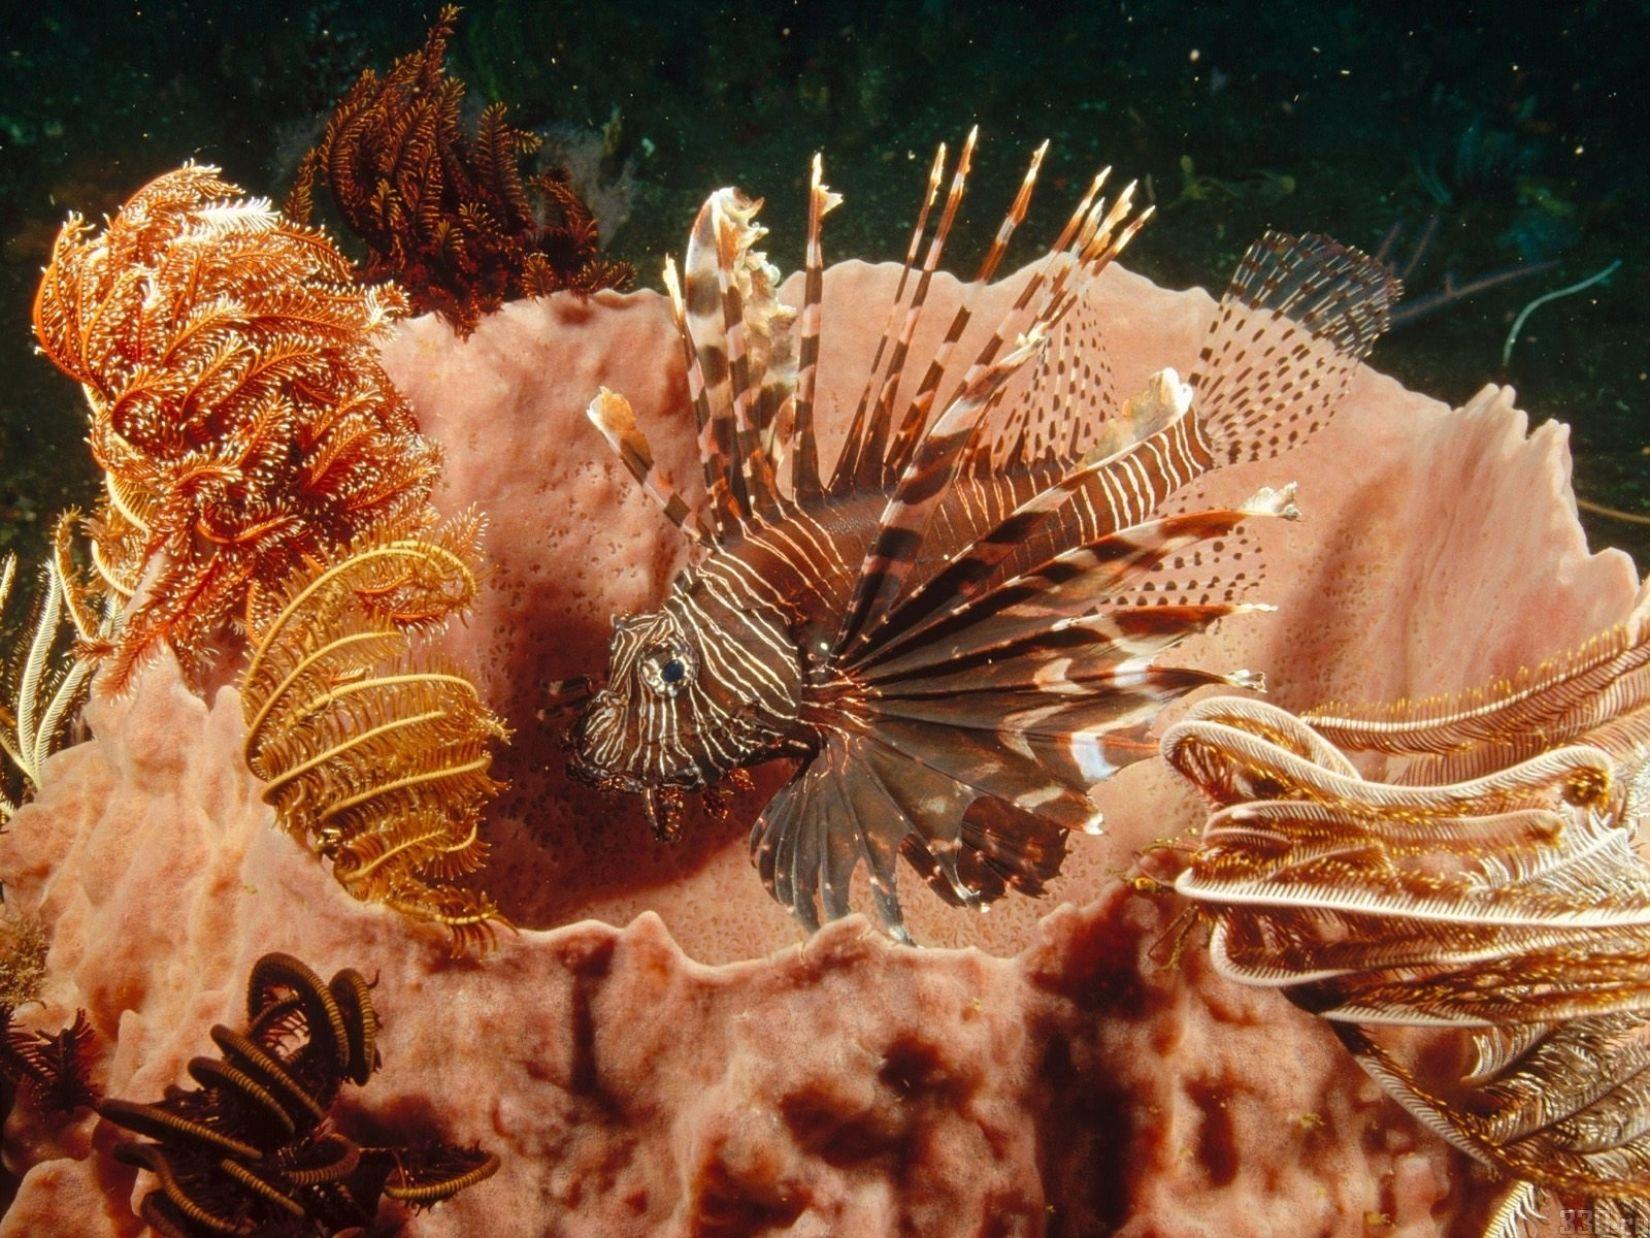 Фото крылатка Рыбы Подводный мир животное Крылатки Животные